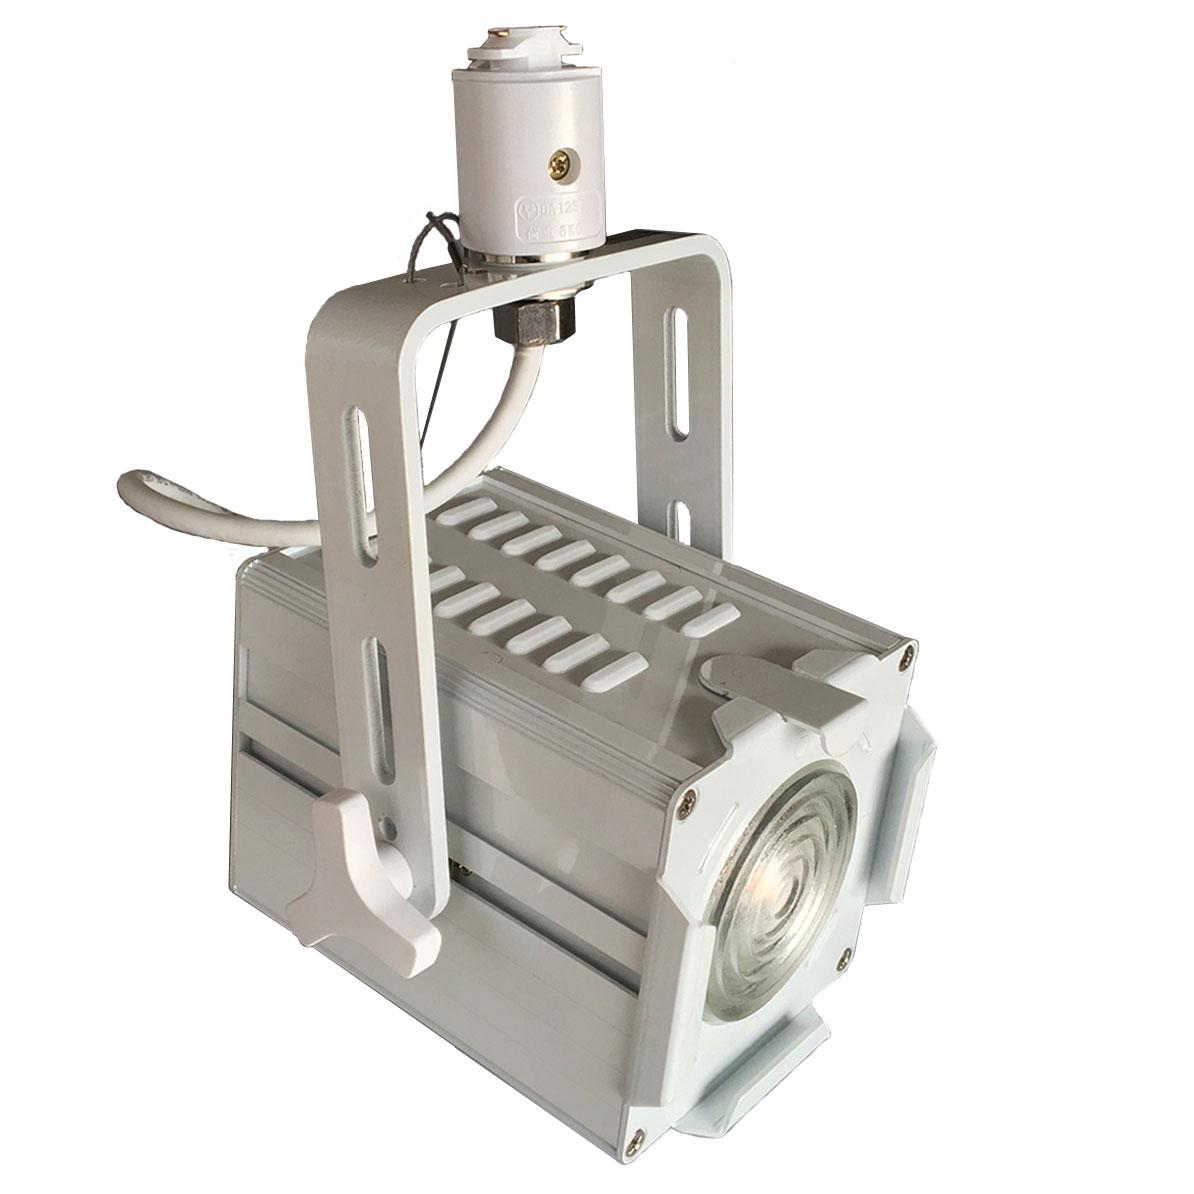 ●【送料無料】ダクトレール用スポットライト LED Fresnel Spot with Zoom SCR調光対応 Zoom角度 16-28度 ハロゲン300W相当 自然空冷 ファンレス Nichia COB LED チップ ビームテック